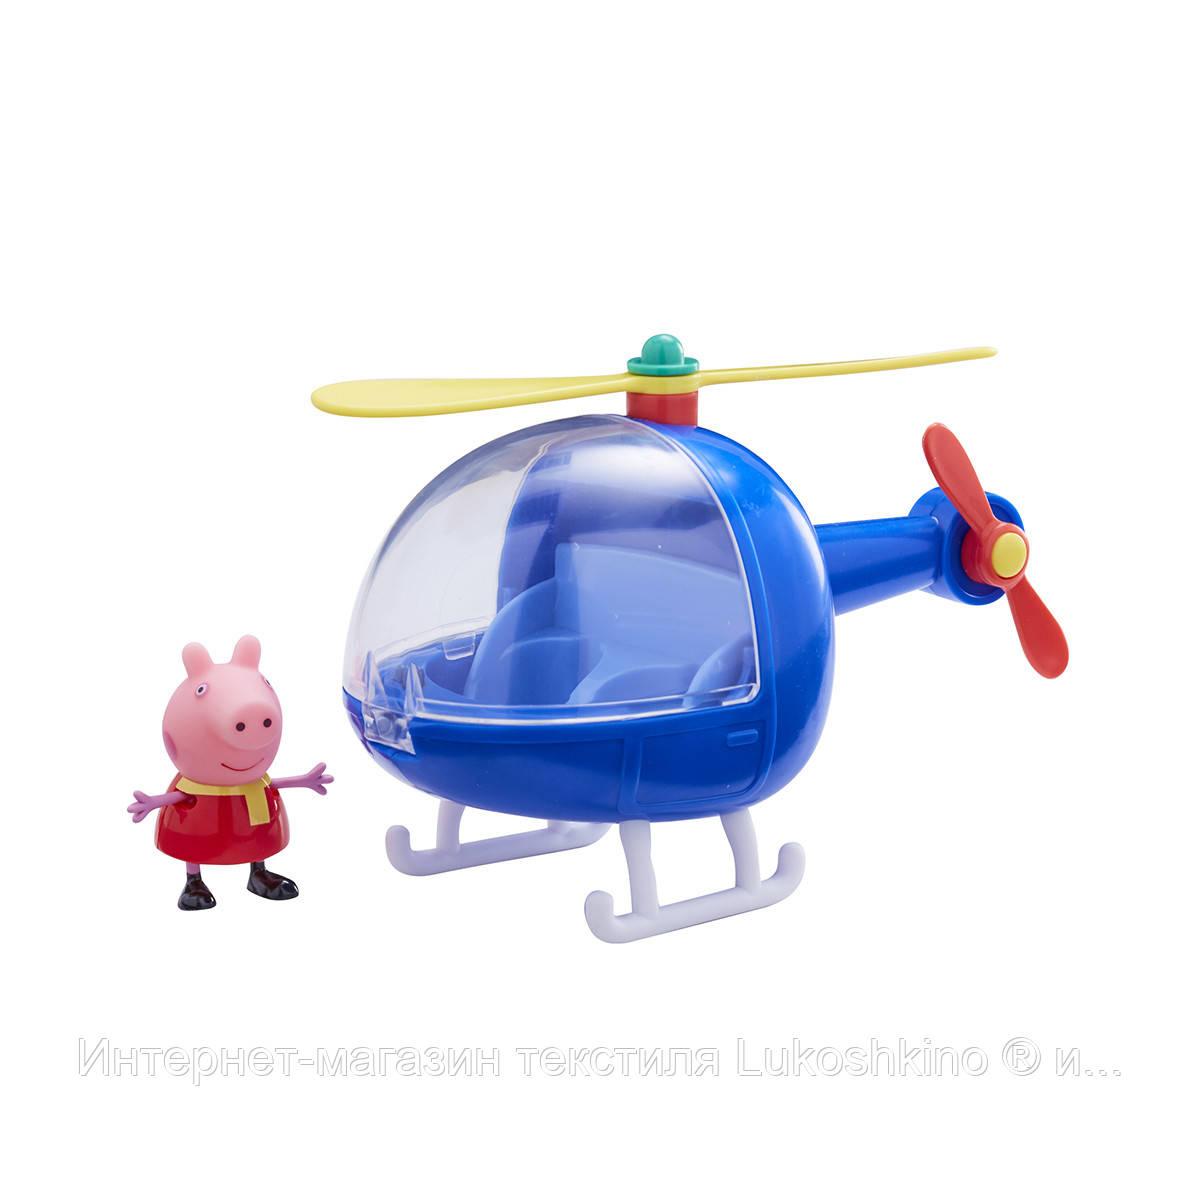 Ігровий набір Peppa - ВЕРТОЛІТ ПЕППЫ (вертоліт, фігурка Пеппы)